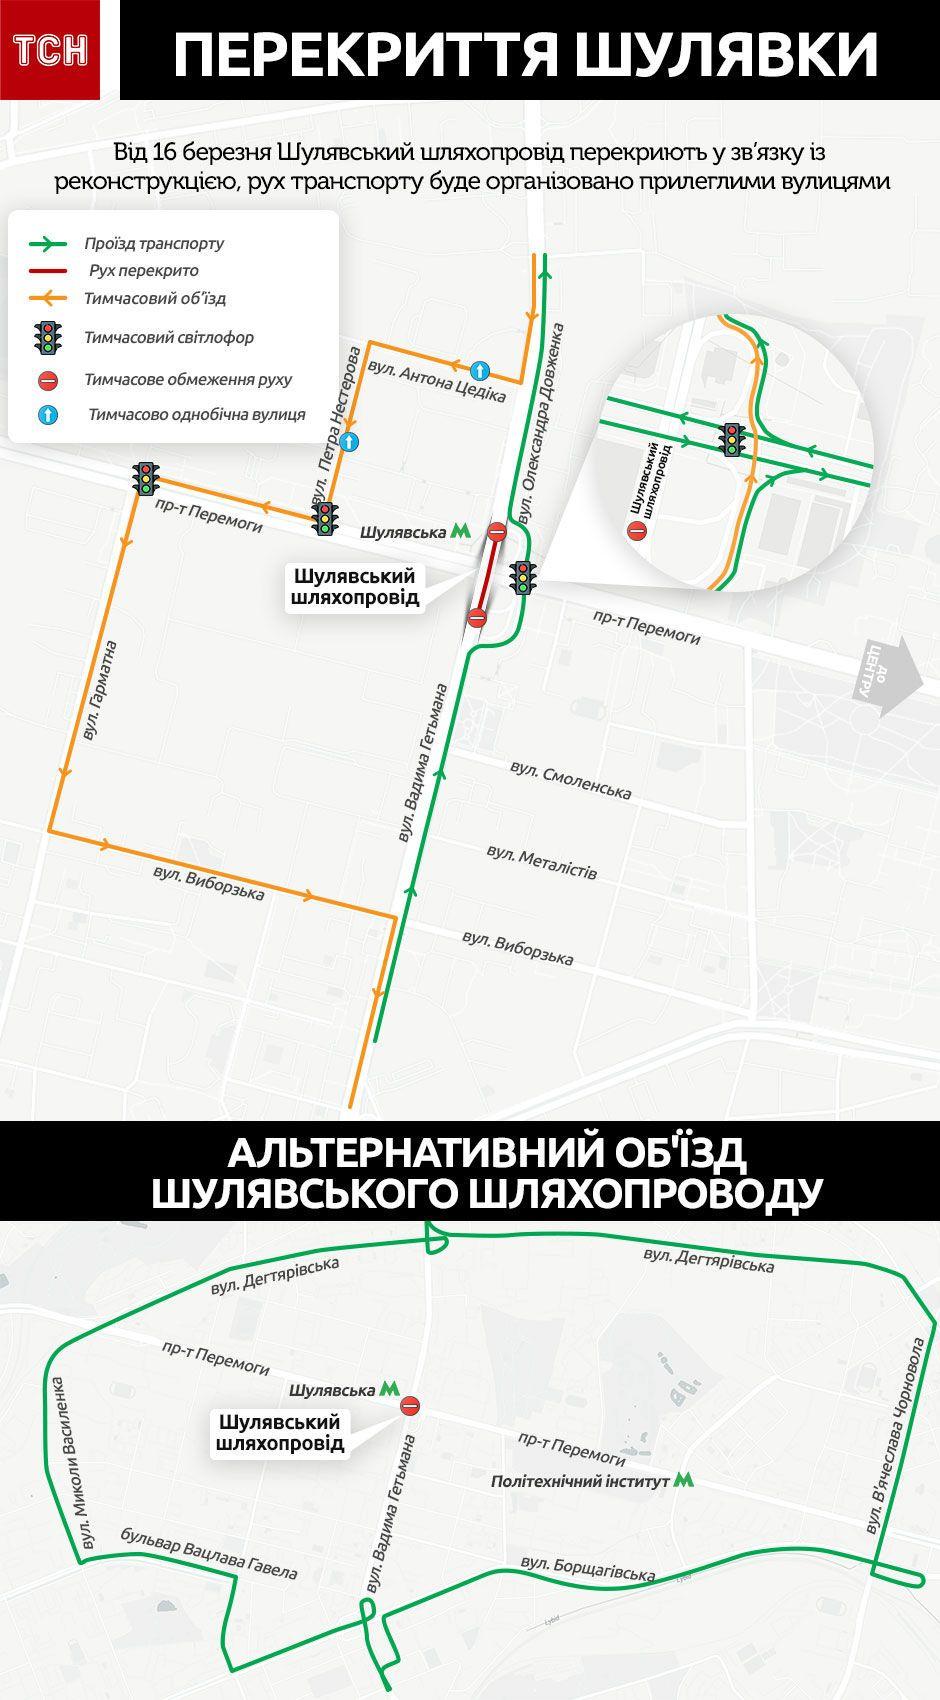 Шулявський шляхопровід, перекриття, рух транспорту, Інфографіка